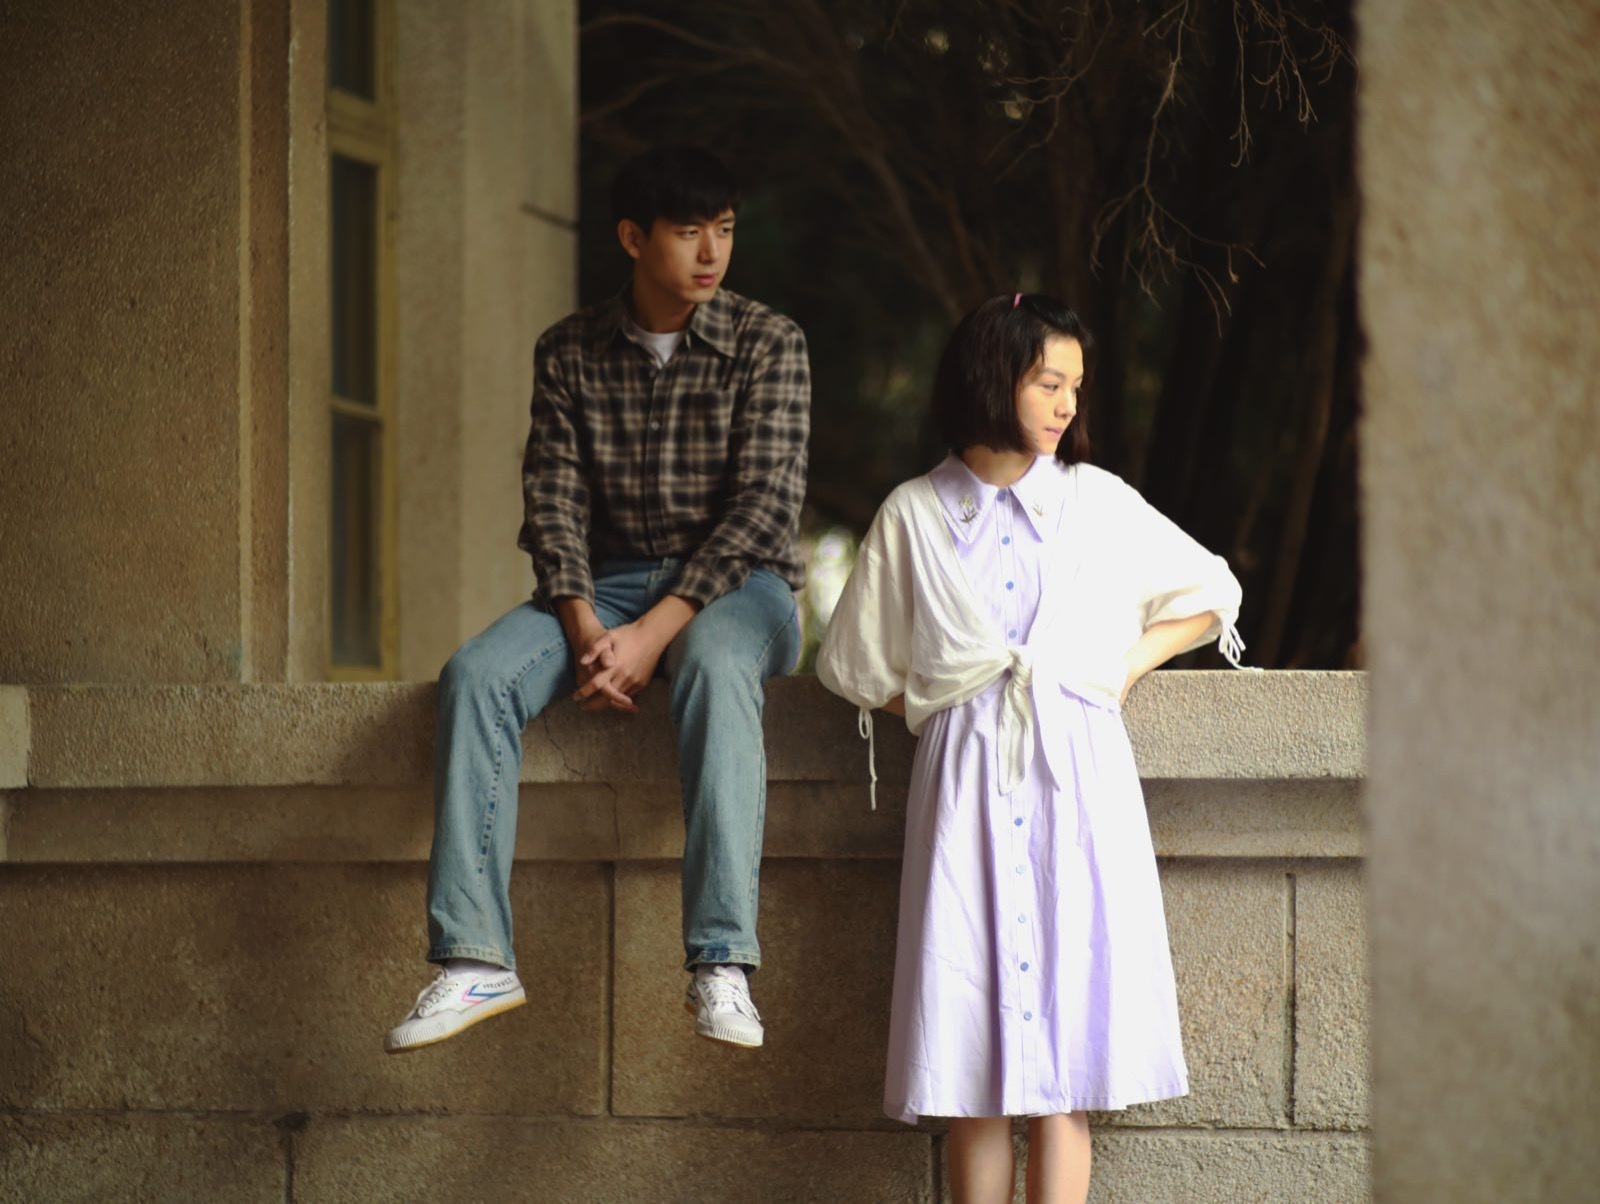 《恋曲1980》剧照曝光 李现春夏演绎纯情时代爱恋